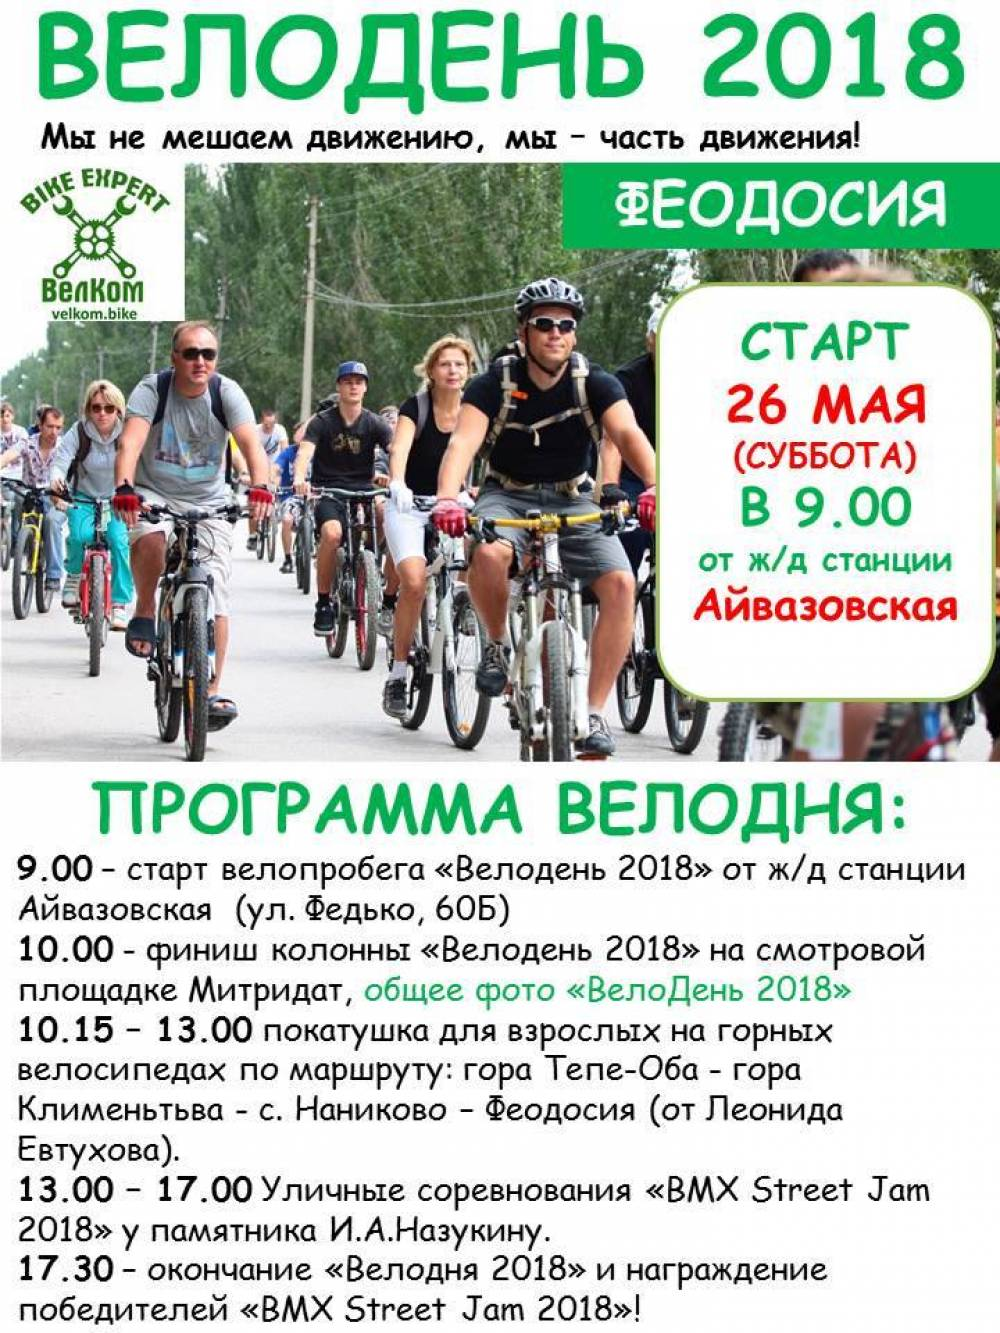 Феодосийцев приглашают на покатушки